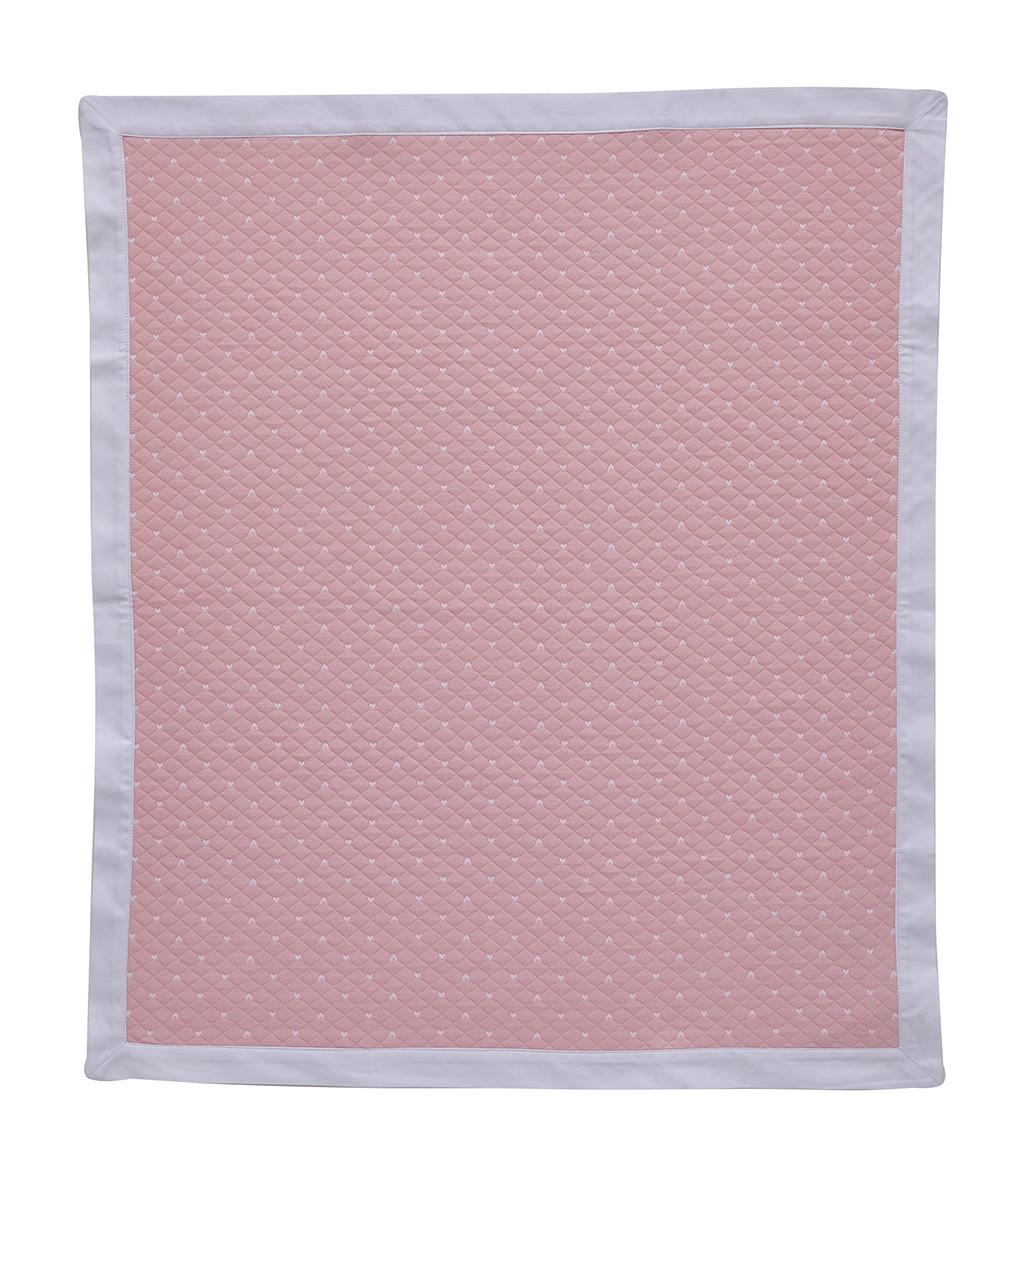 Culla/carrozzina - copertina in jersey di cotone trapuntato - Prénatal